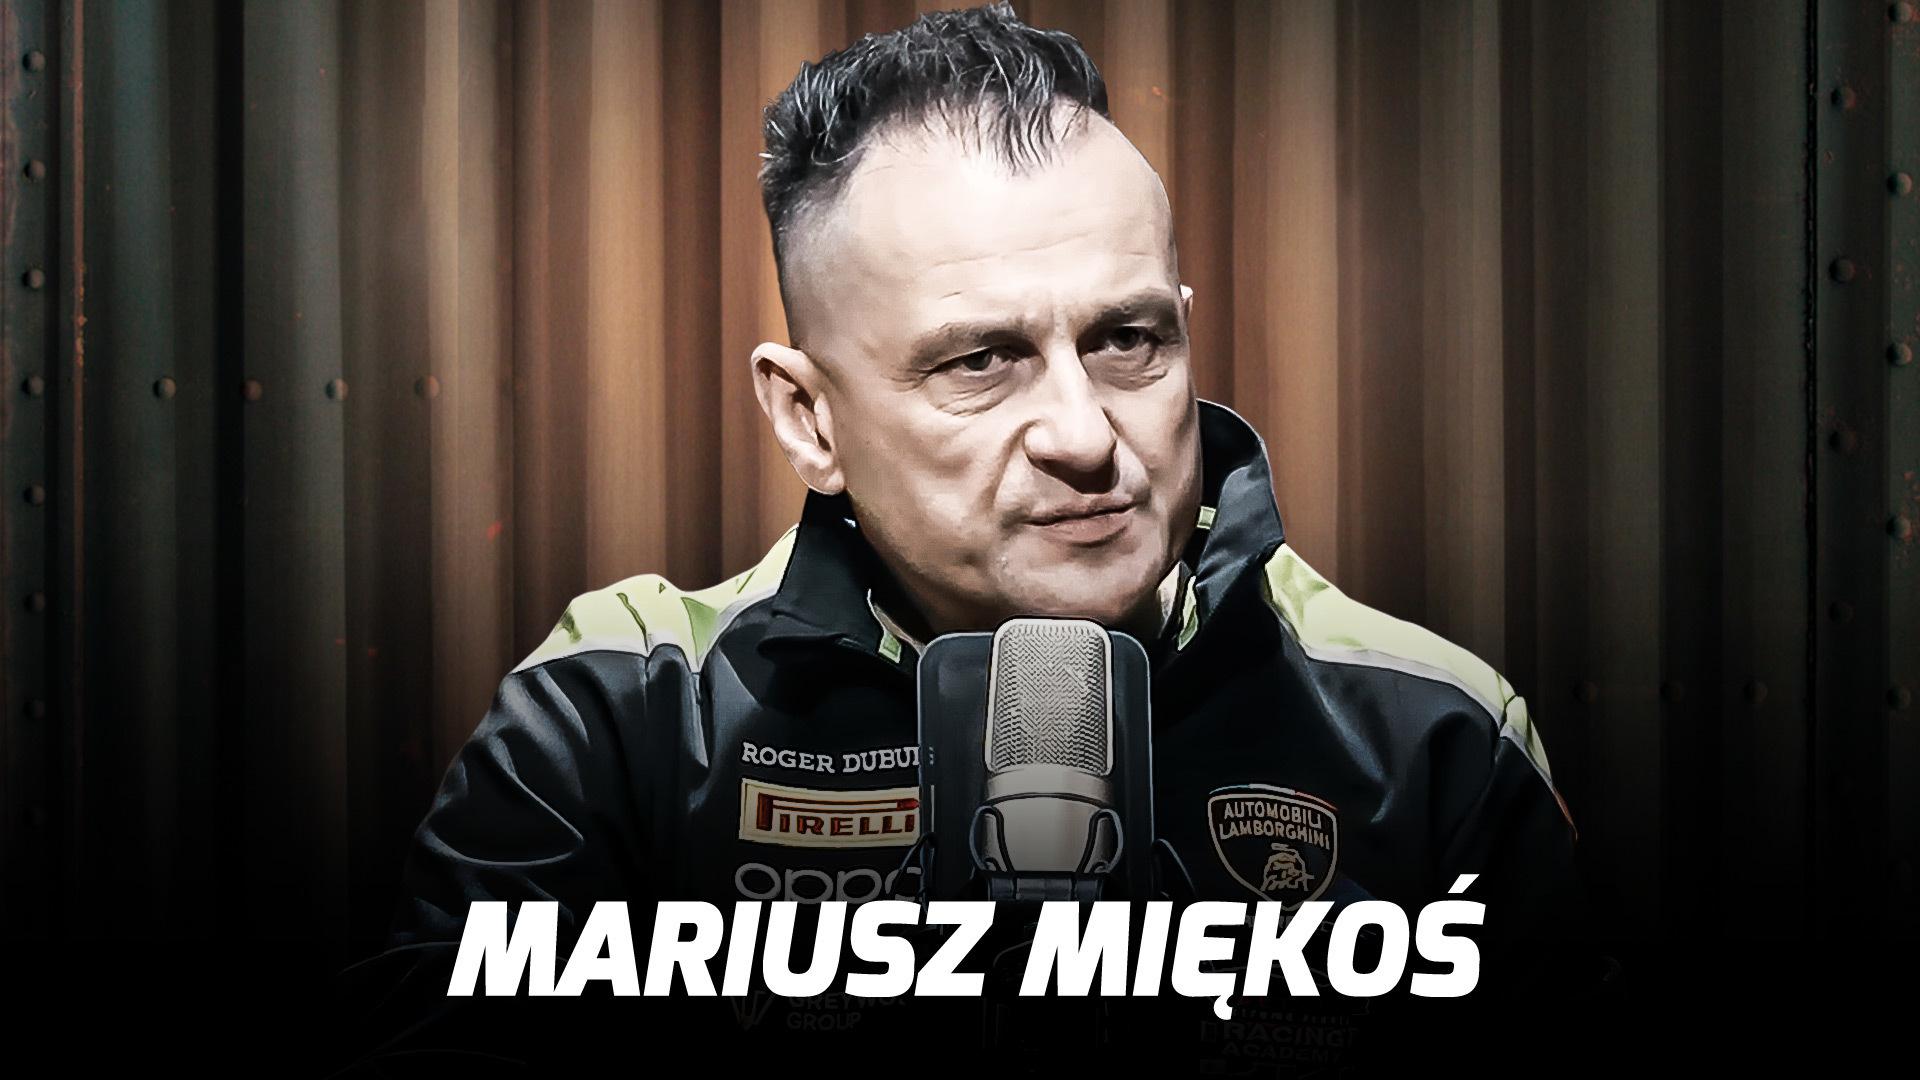 Mistrzowie Motorsportu - Mariusz Miękoś